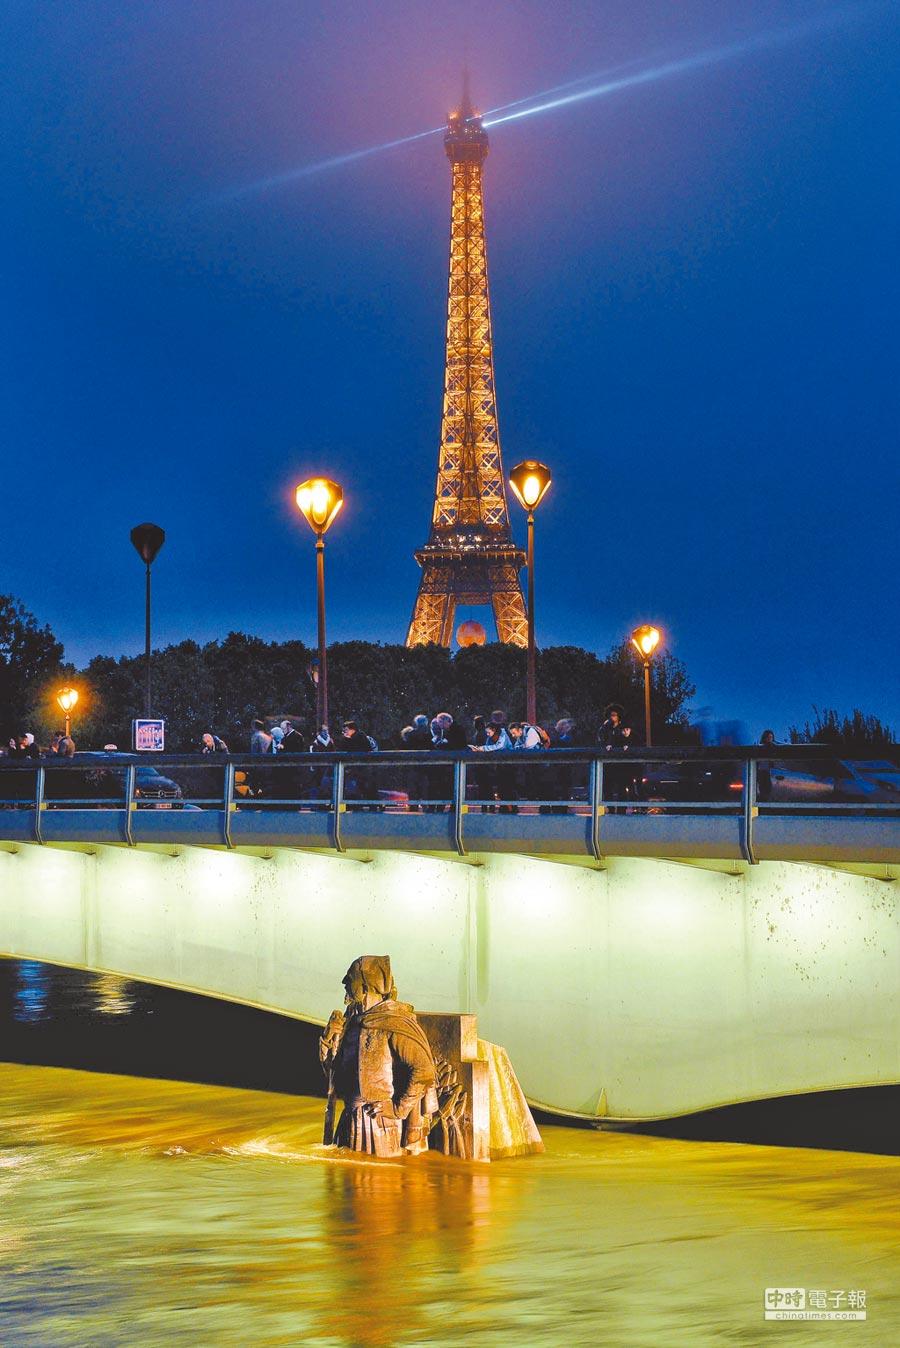 法國巴黎塞納河水位上漲,阿爾瑪橋橋下輕步兵(Zouave)雕像3日大腿以下泡在水裡,形成百年難得一見的景象。(法新社)